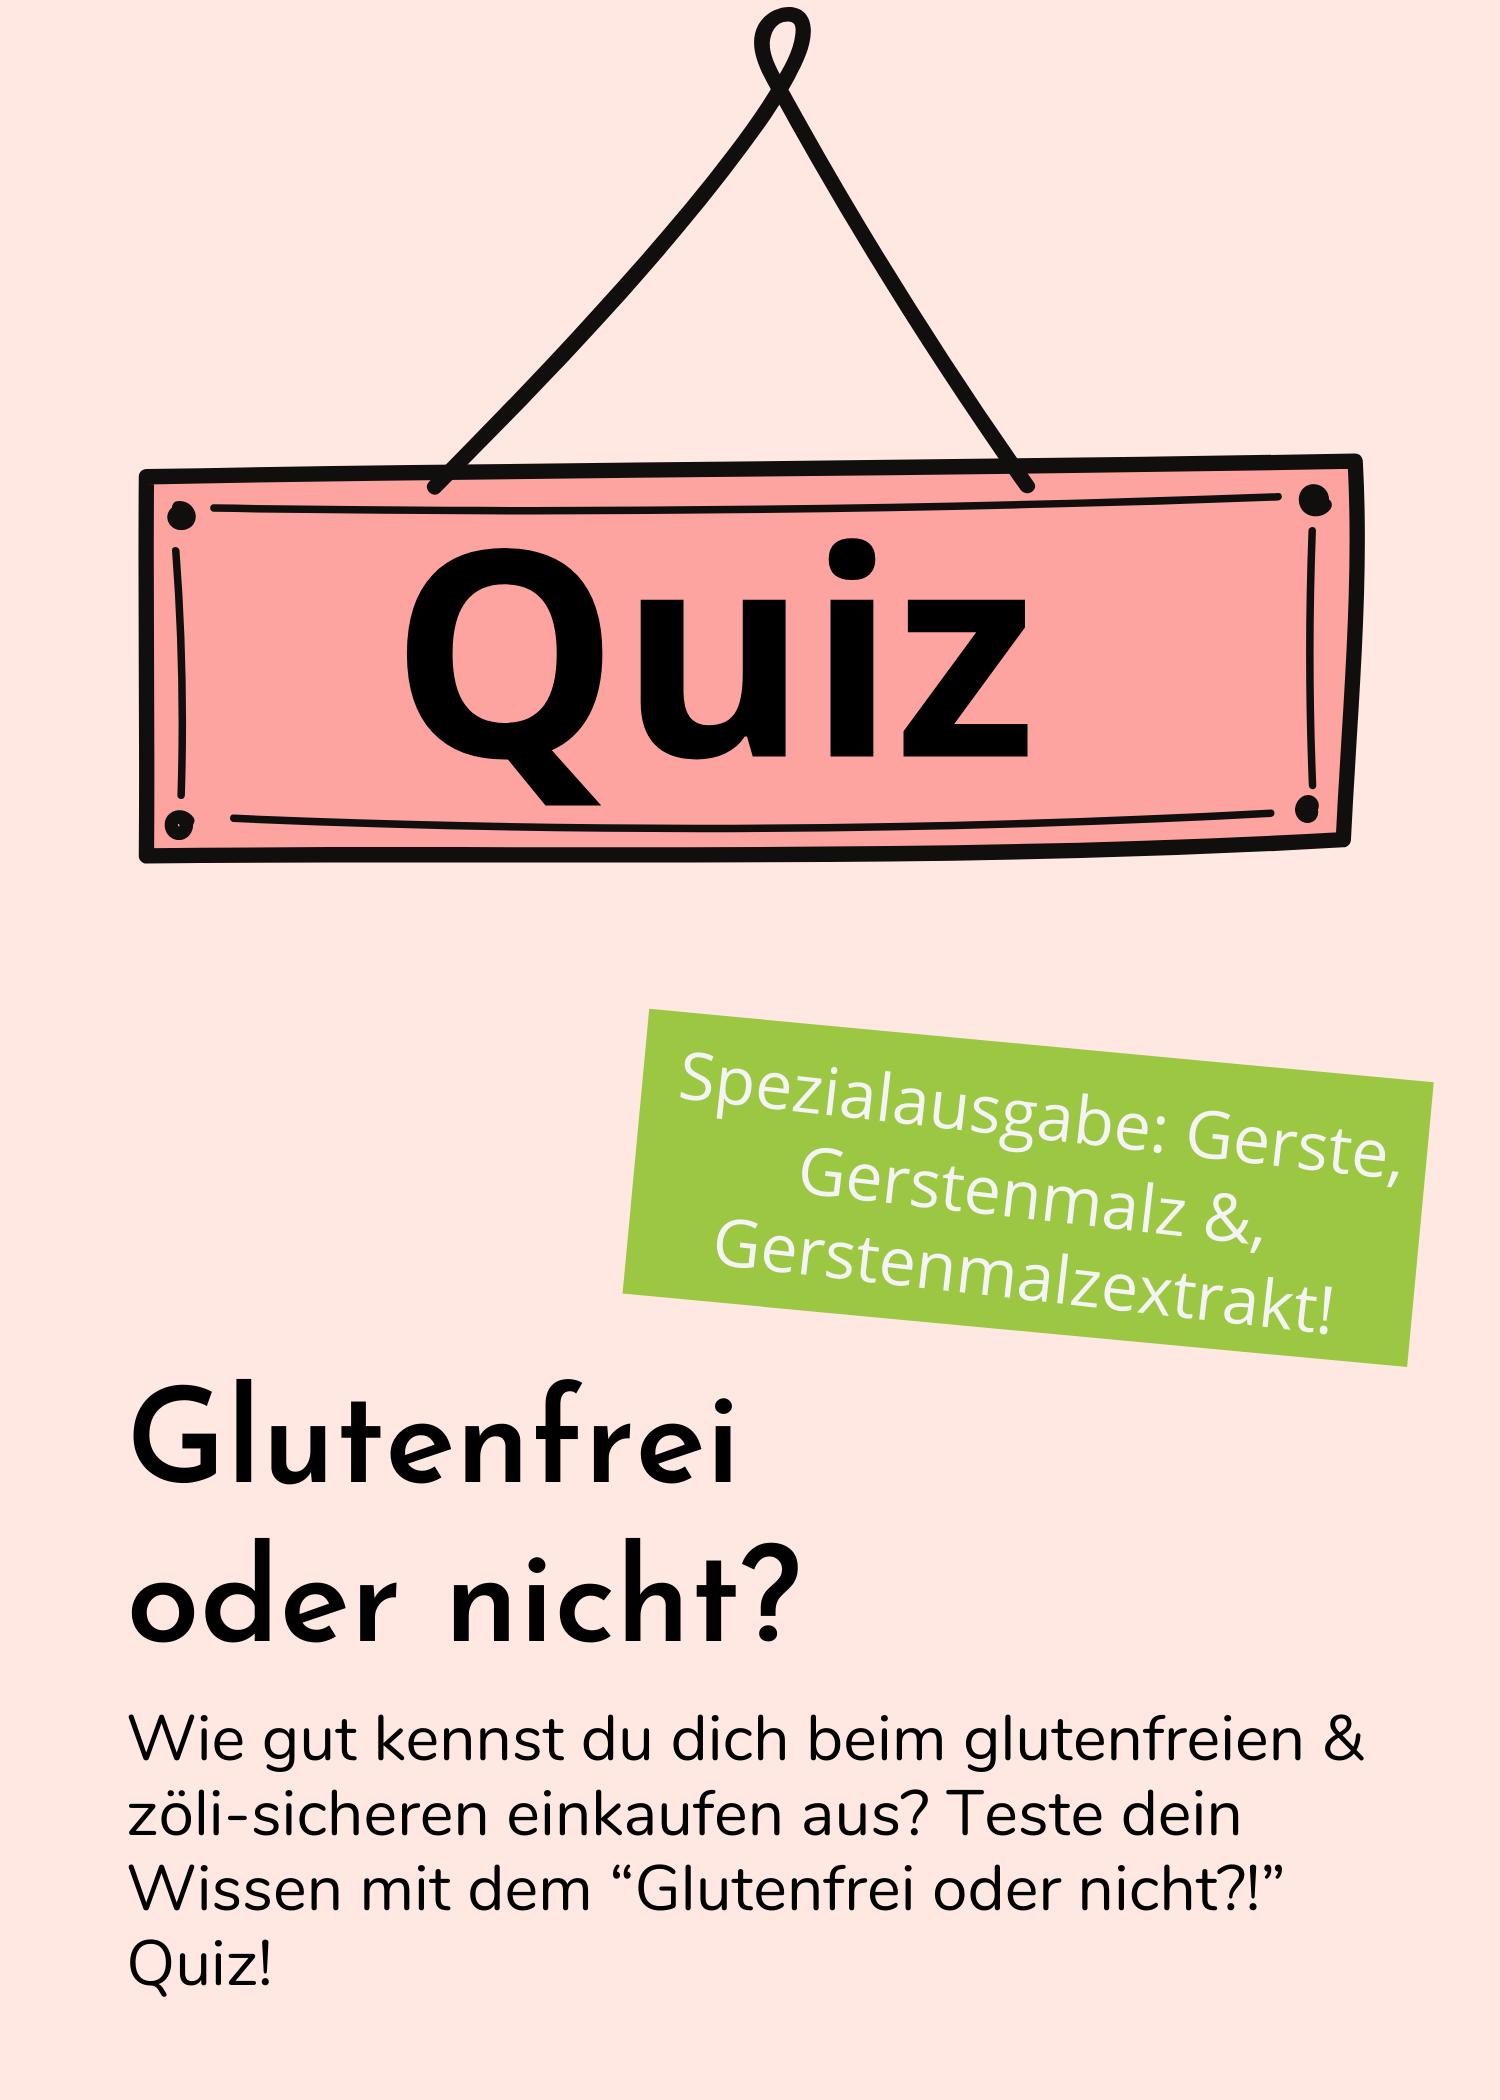 Quiz - Glutenfrei oder nicht?